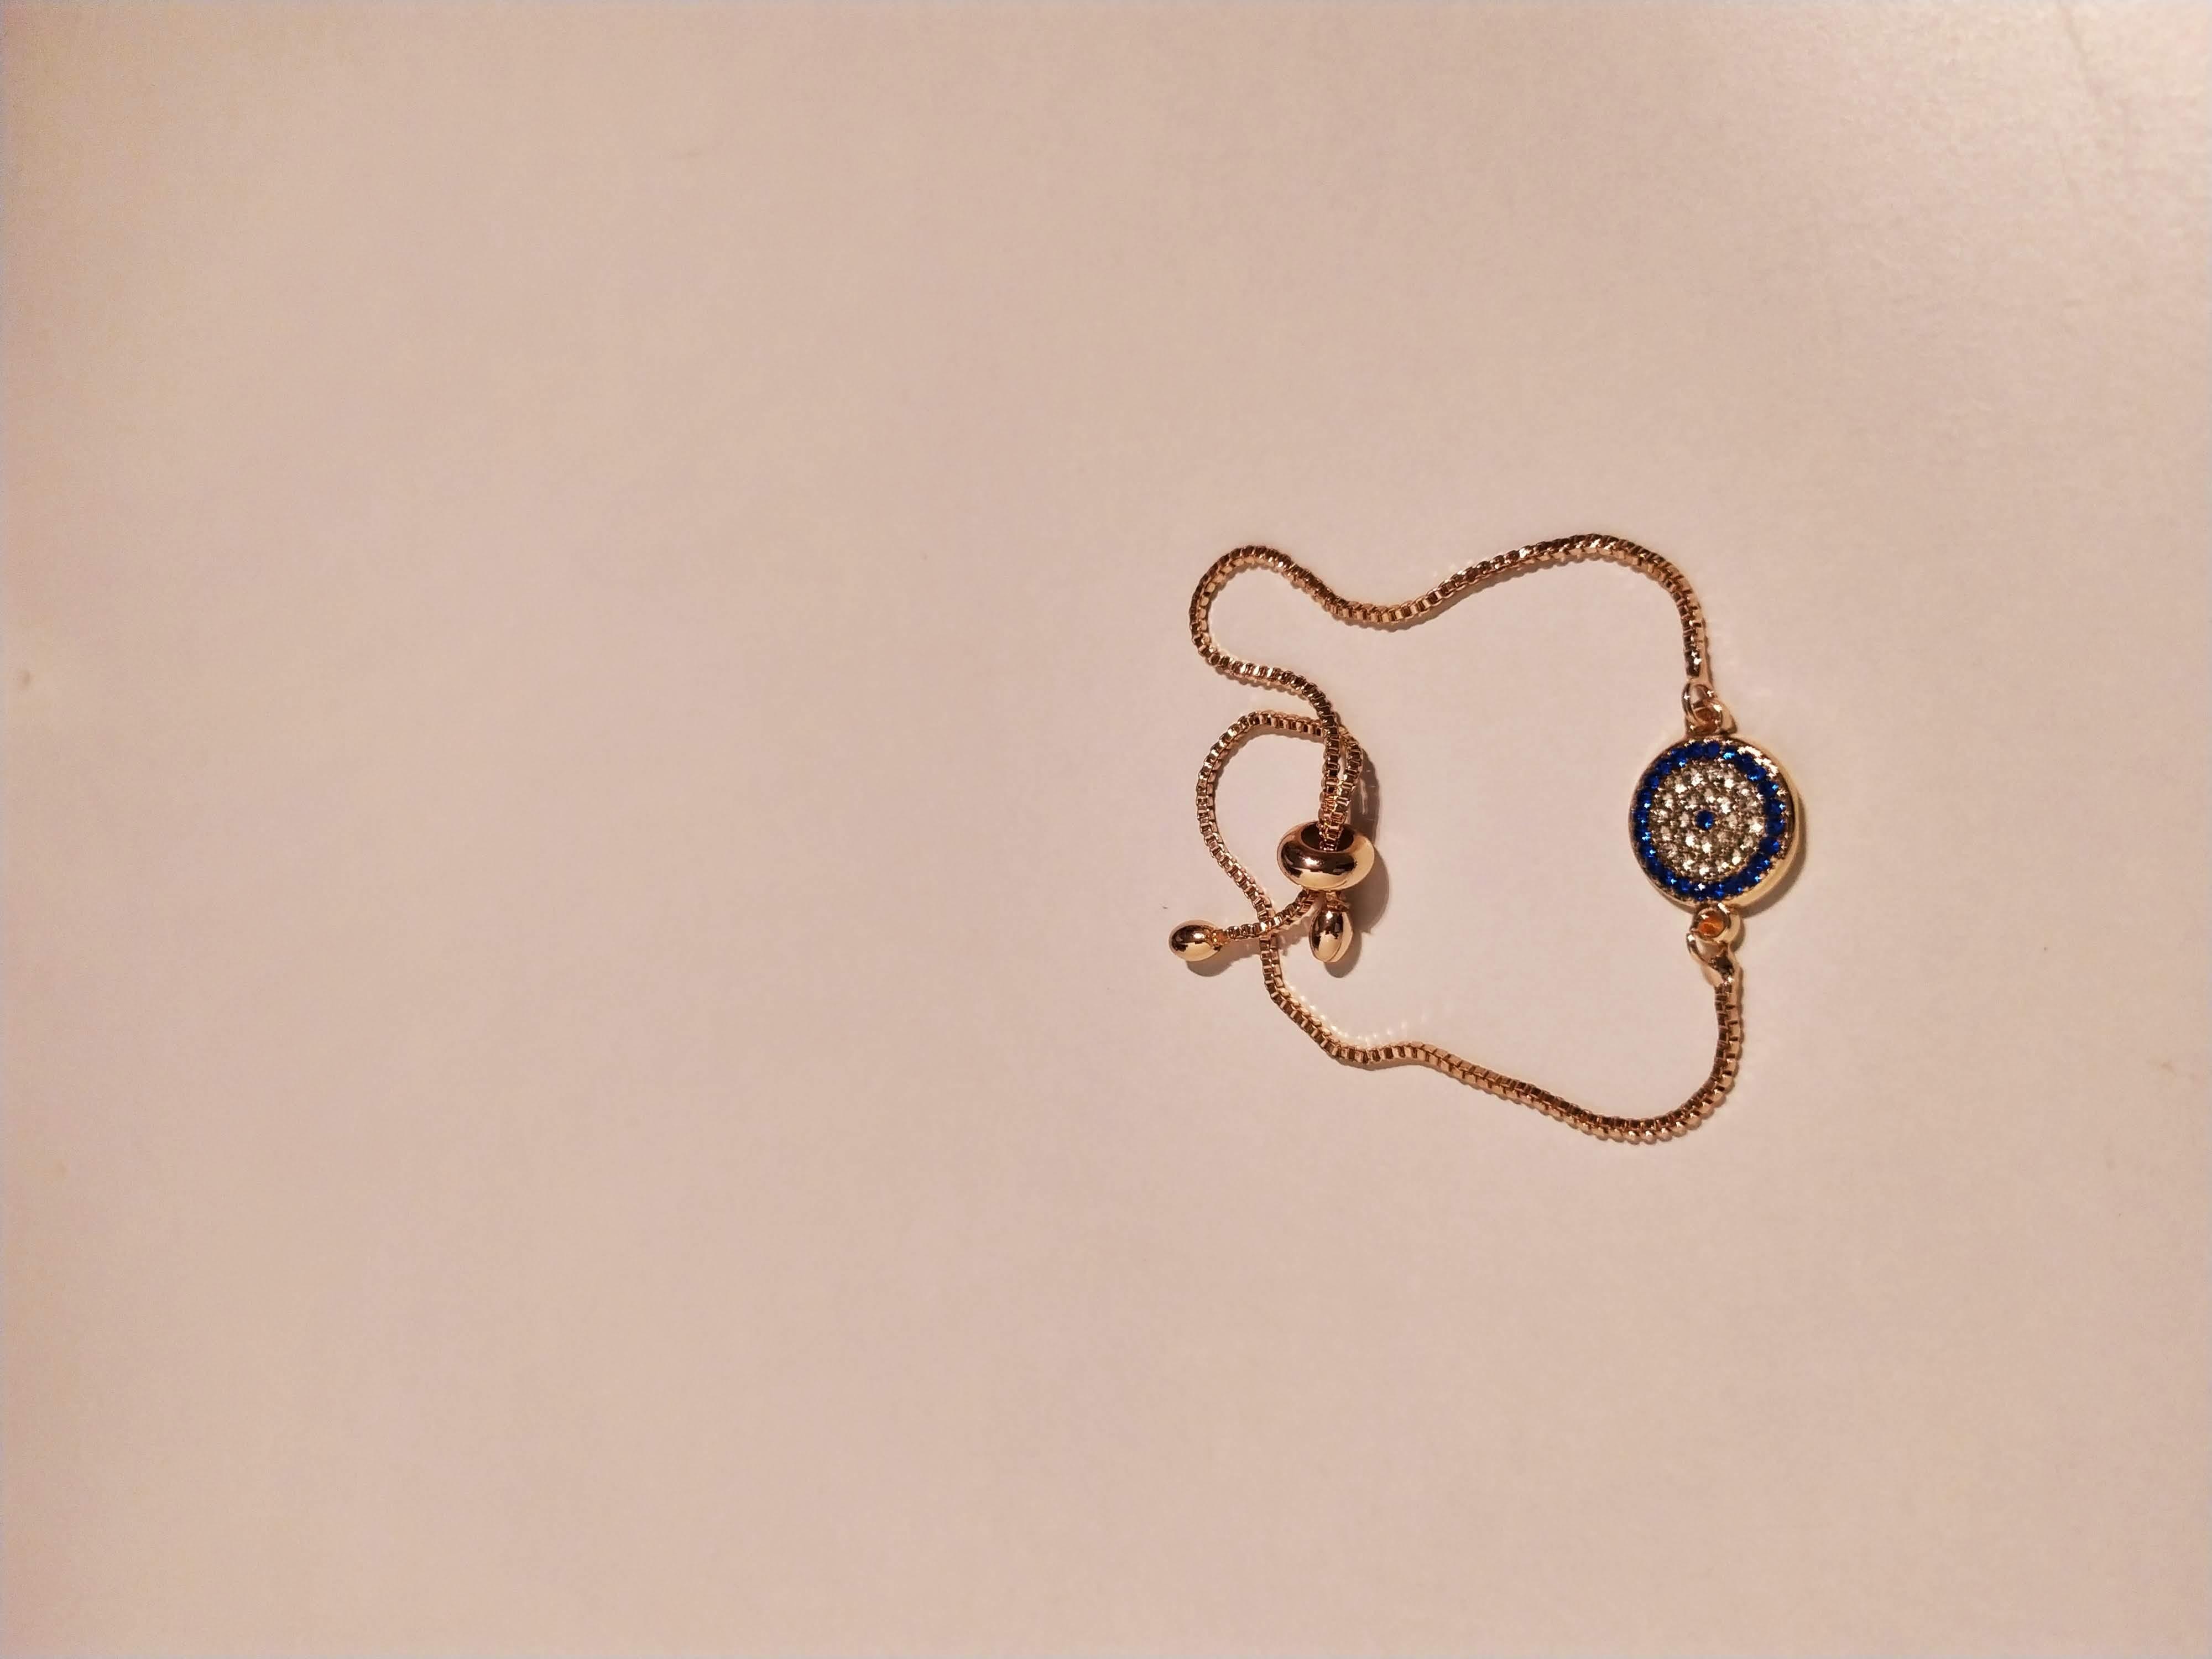 حجر الزيركون ، مطلي بالذهب ، غير مسبوق ، سوار أسود / Zircon Stone, Gold Plated, Non Allergic, Bracelet_14